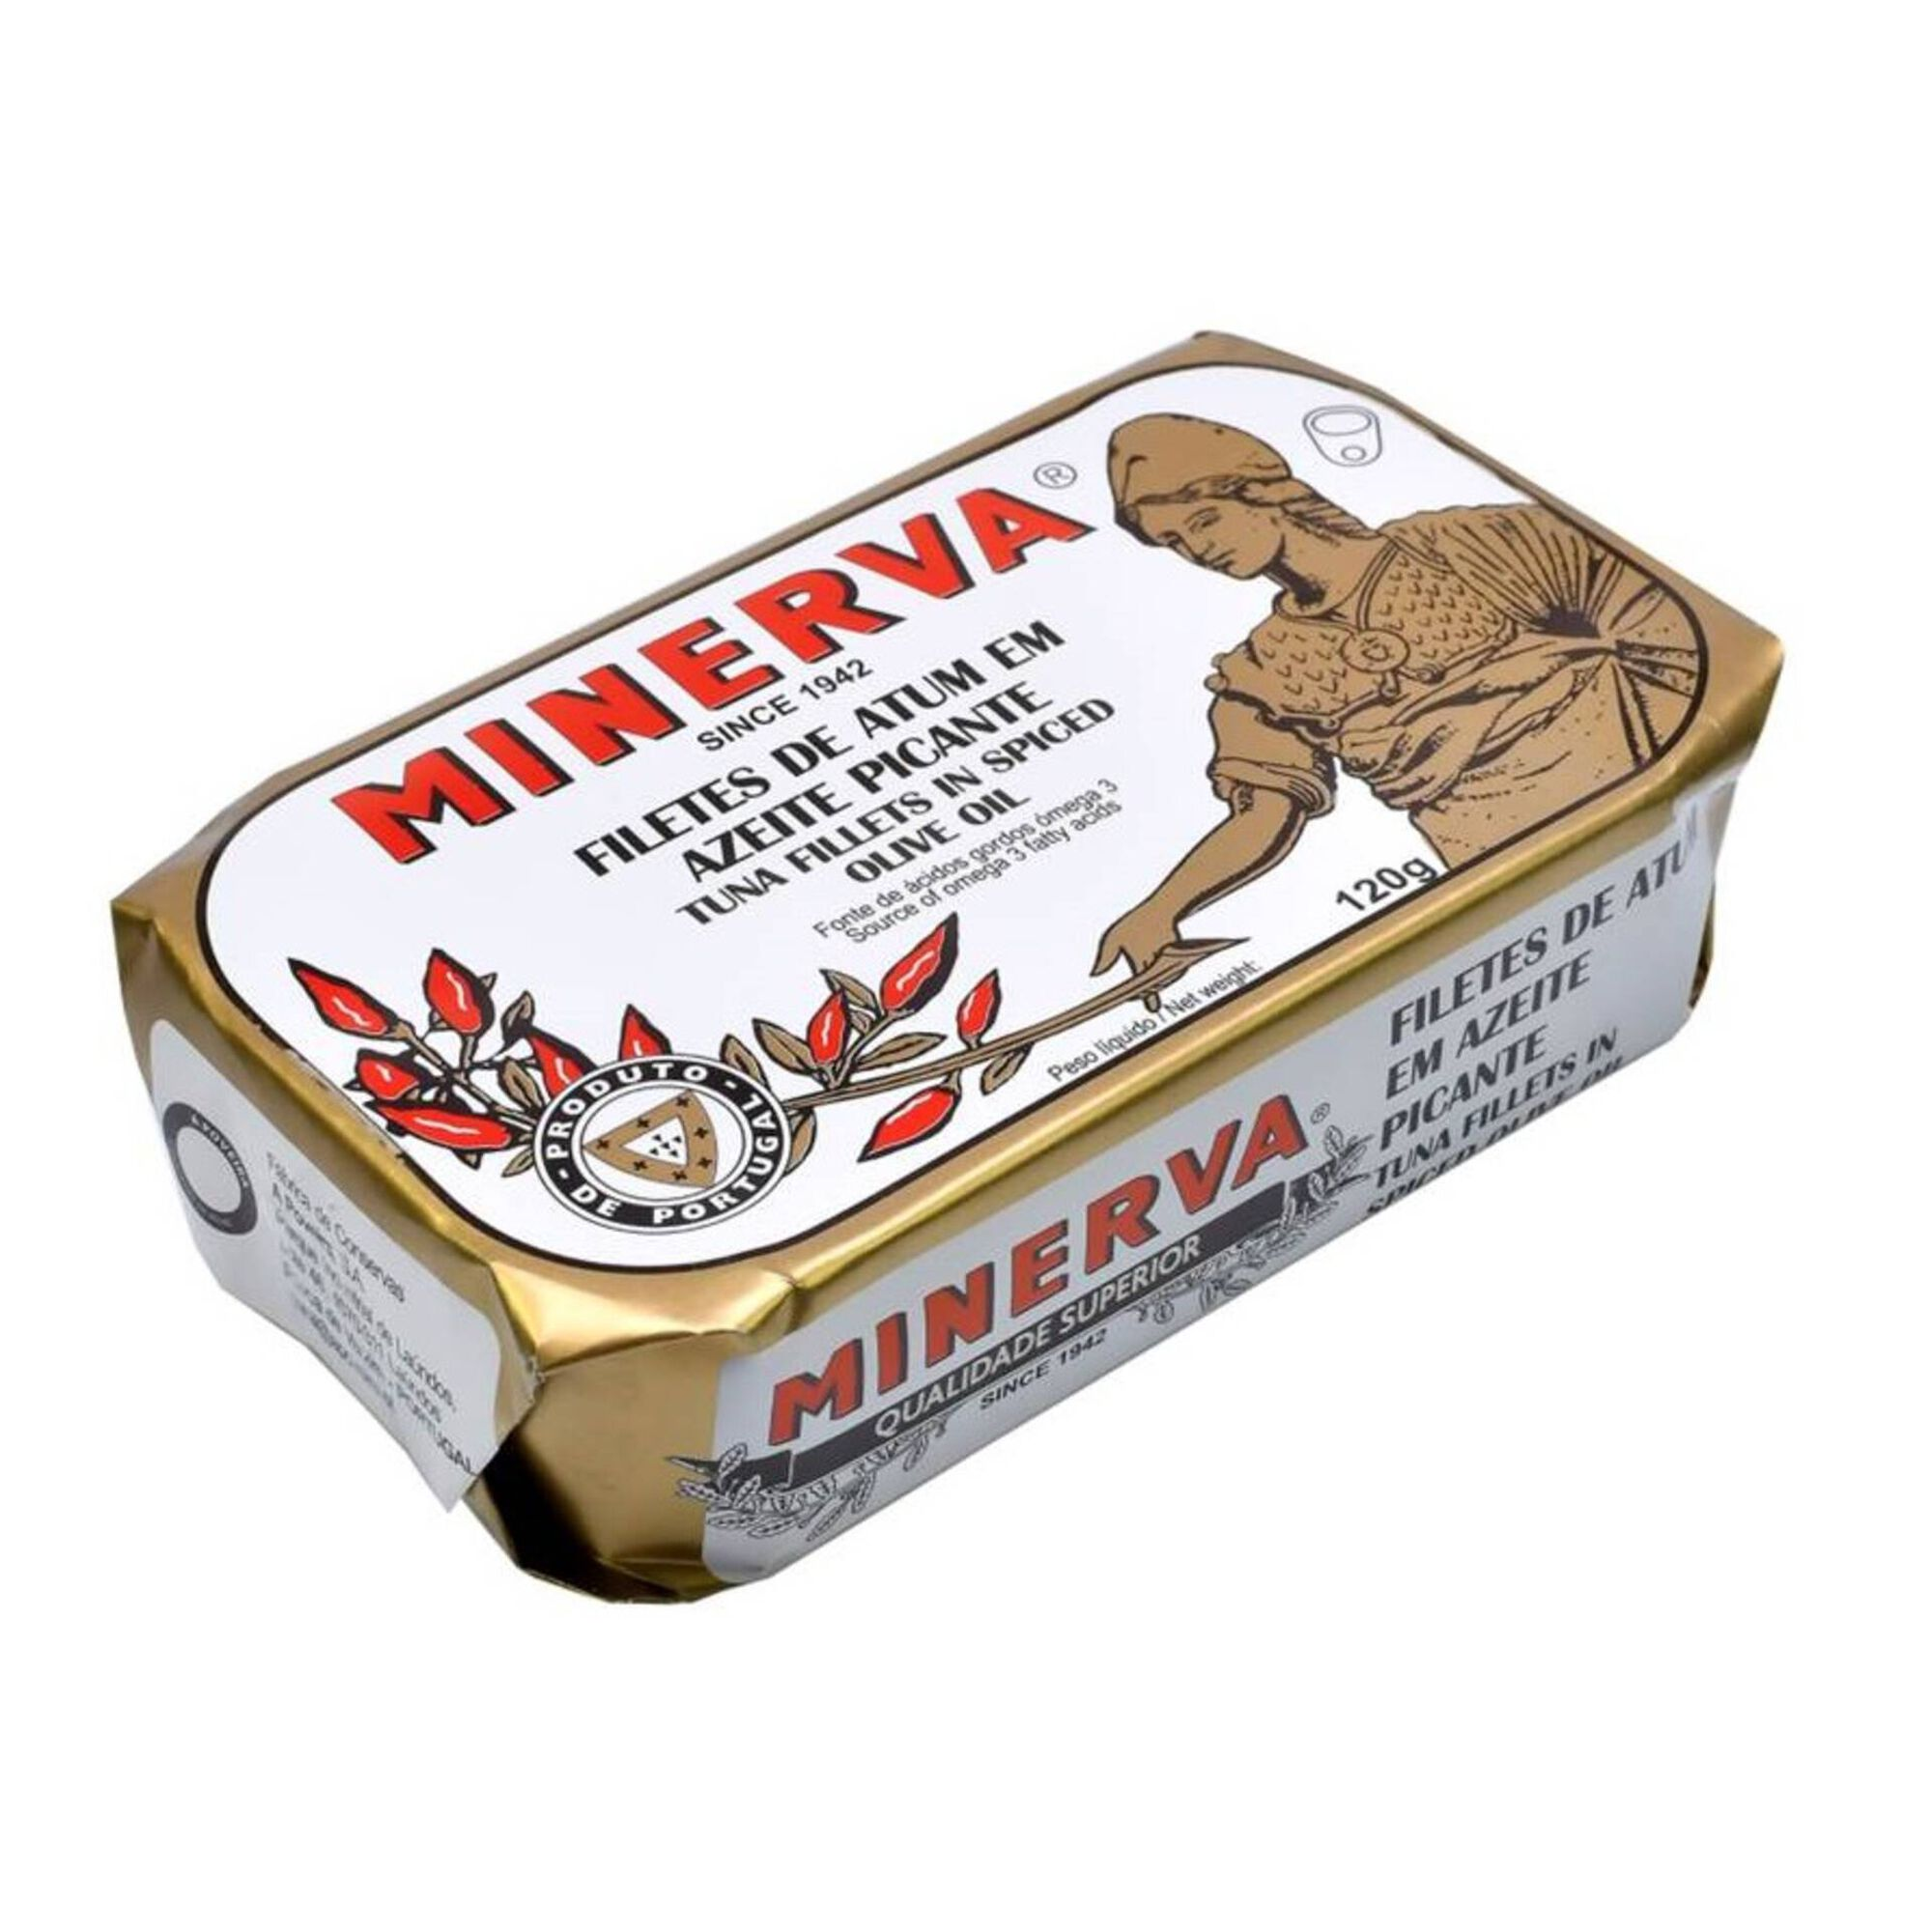 Filetes de Atum em Azeite com Malagueta